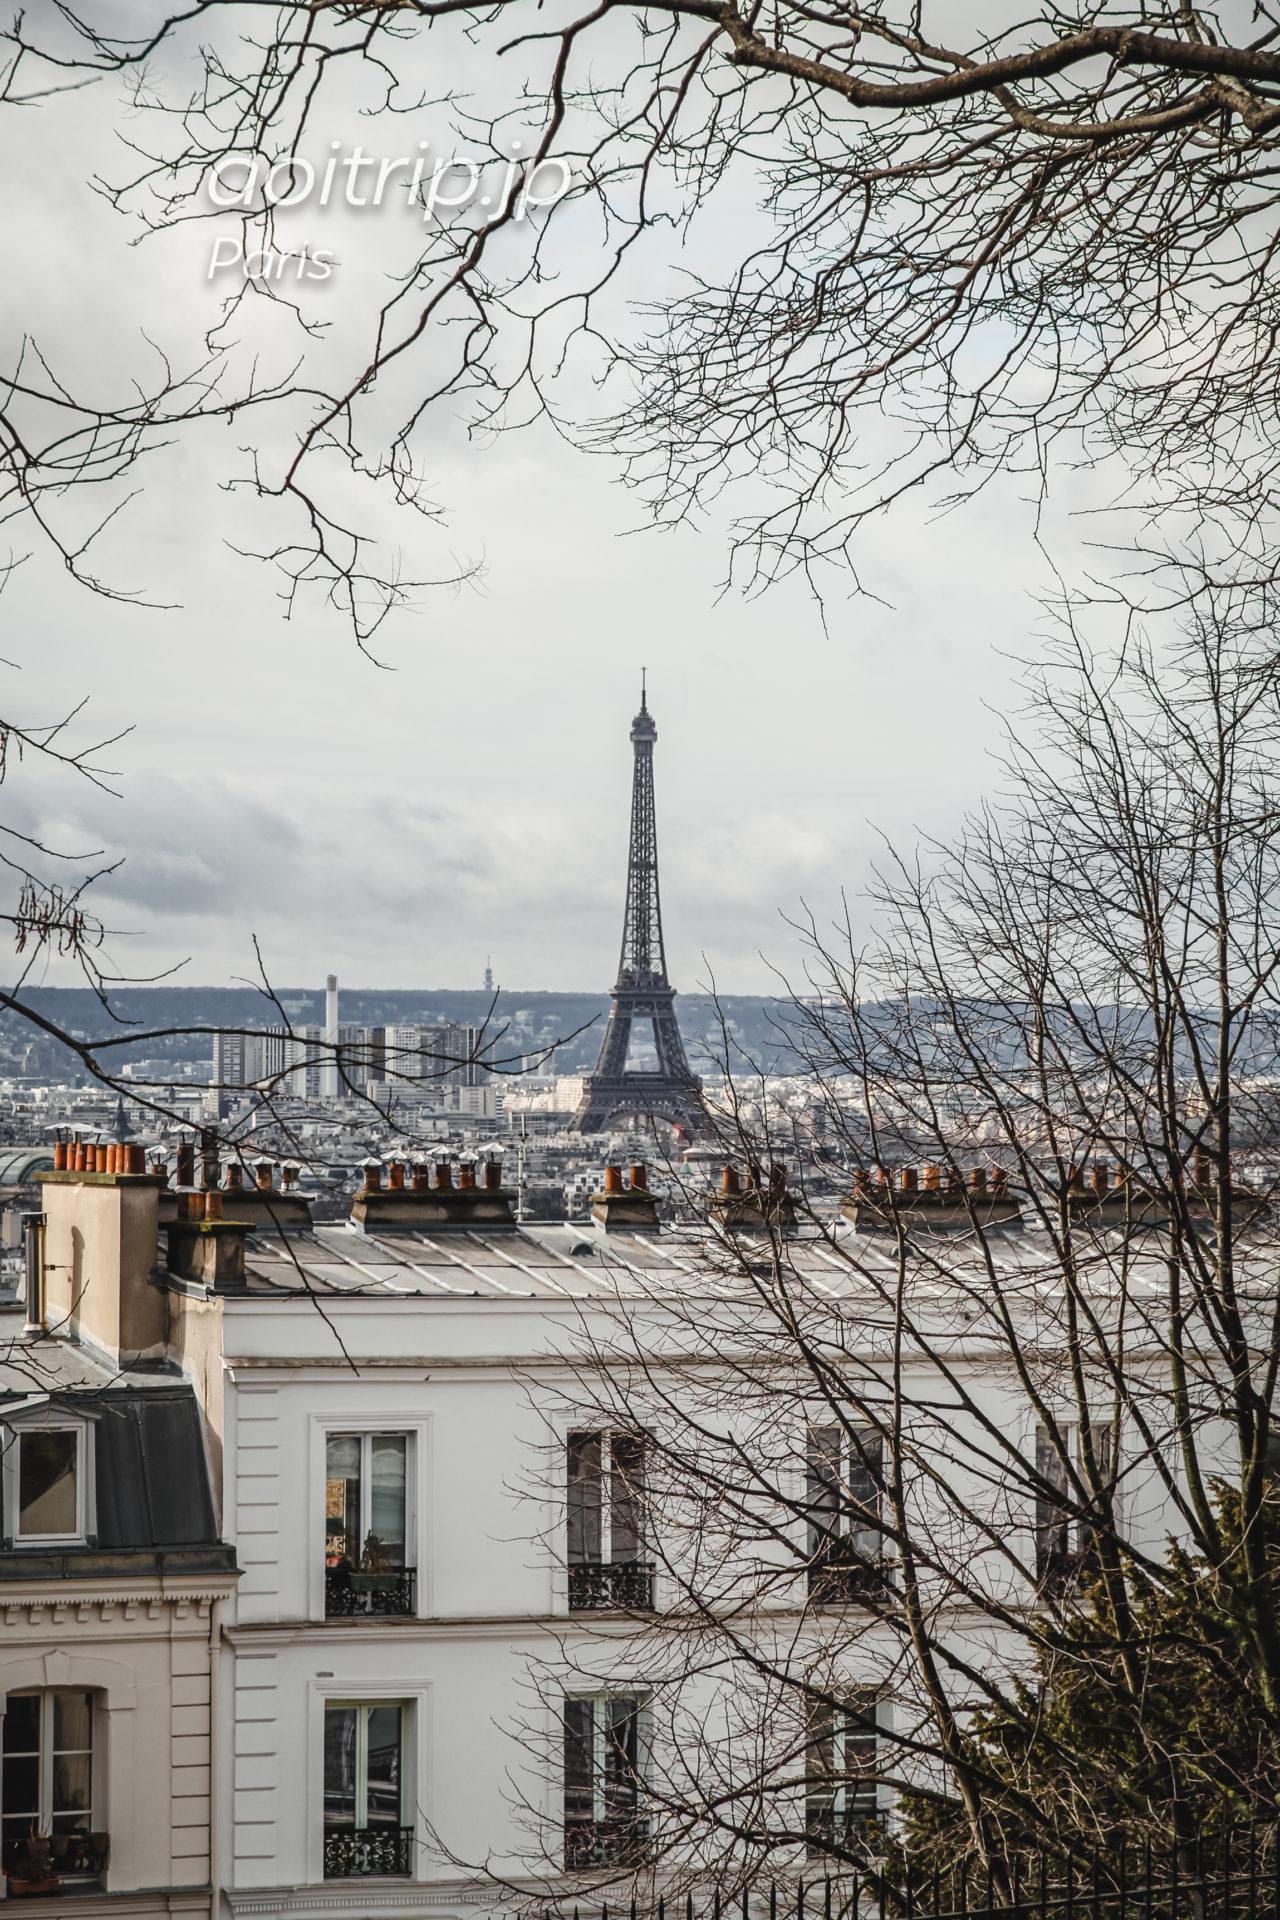 パリ モンマルトルから望むエッフェル塔